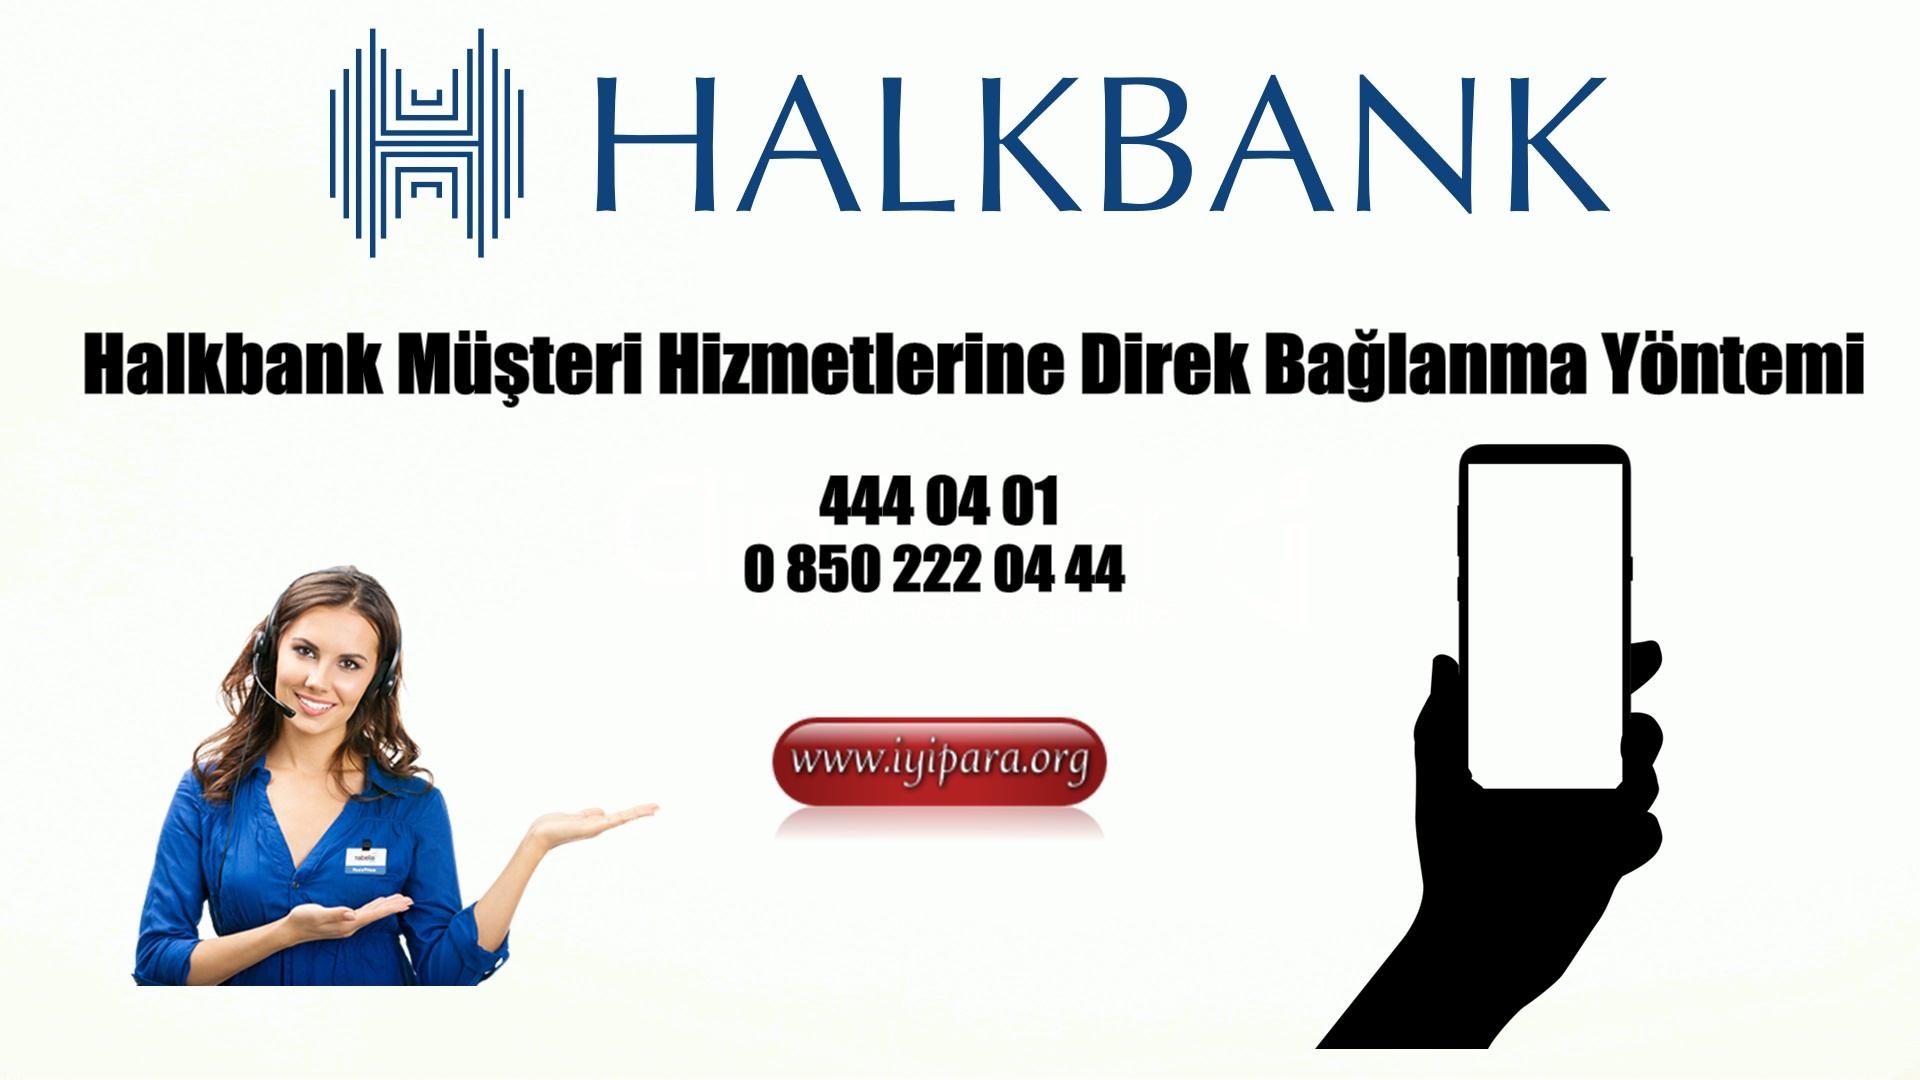 Halkbank Müşteri Hizmetlerine Direk Bağlanma Yöntemi